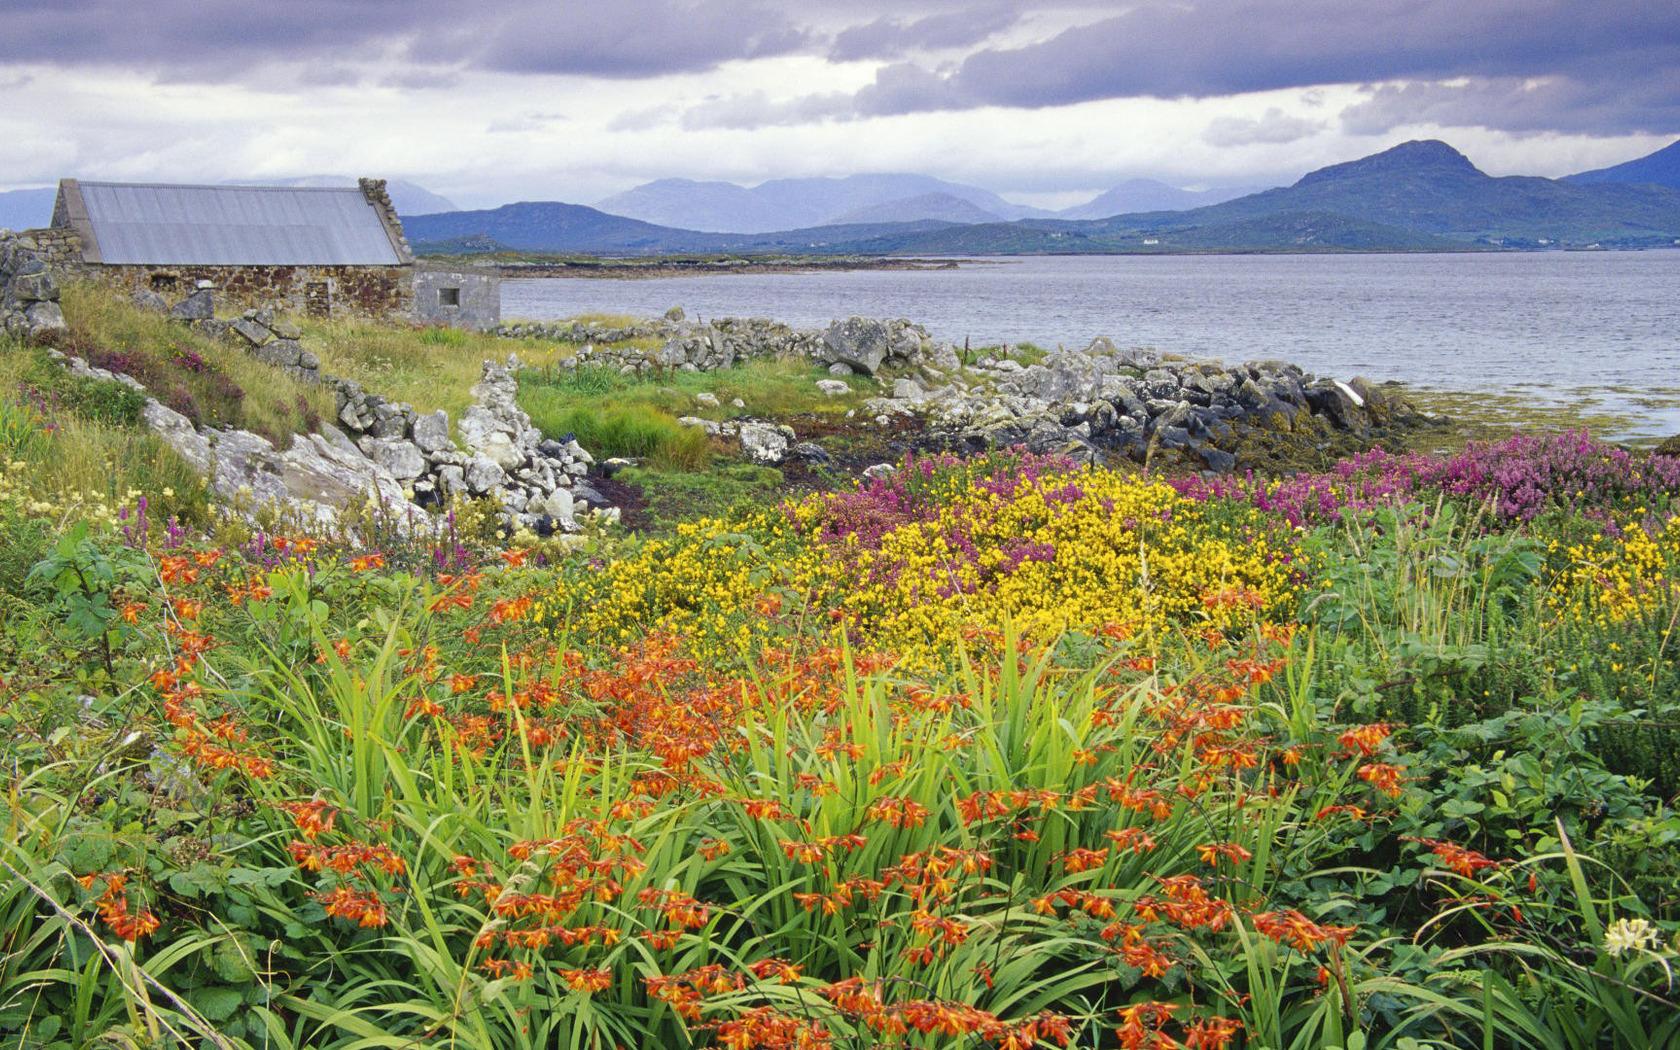 Carna bay Ireland wallpaper 2544 1680x1050